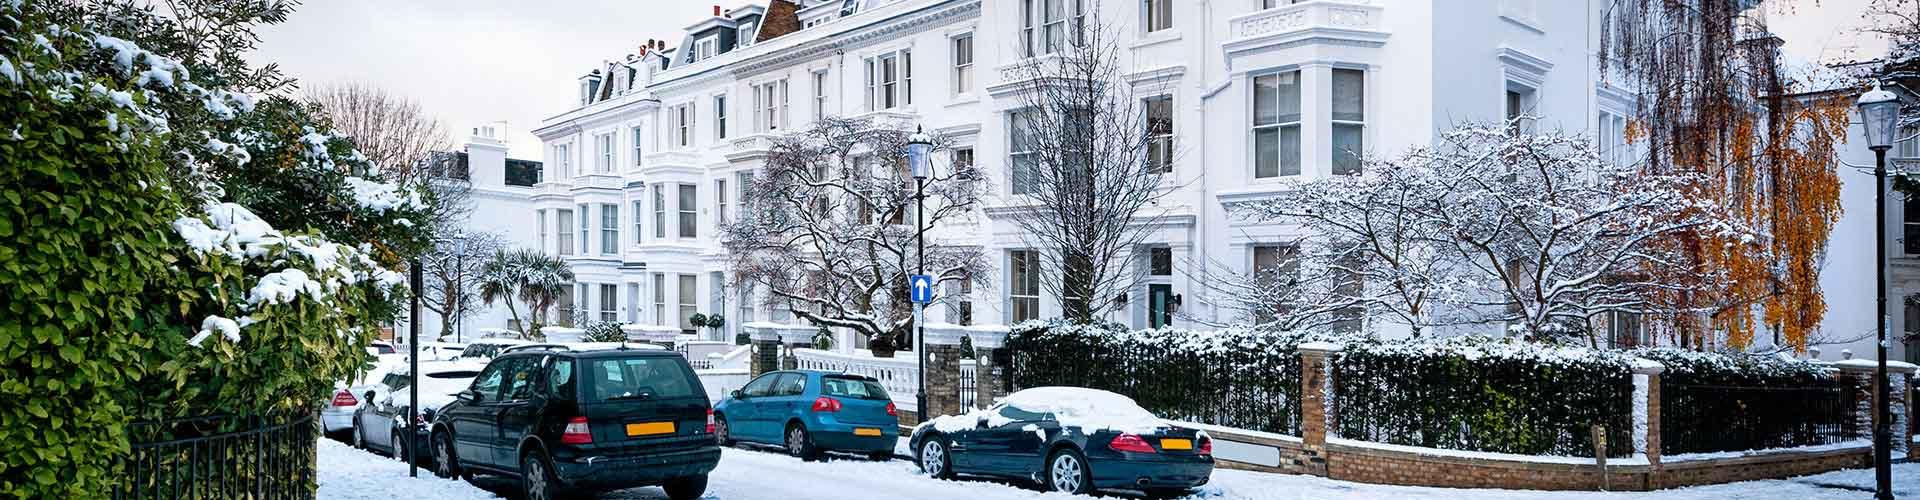 ロンドン – Borough of Kensington and Chelsea地区のユースホステル. 地図 ロンドン, すべてのユースホステルの写真とレビュー ロンドン.